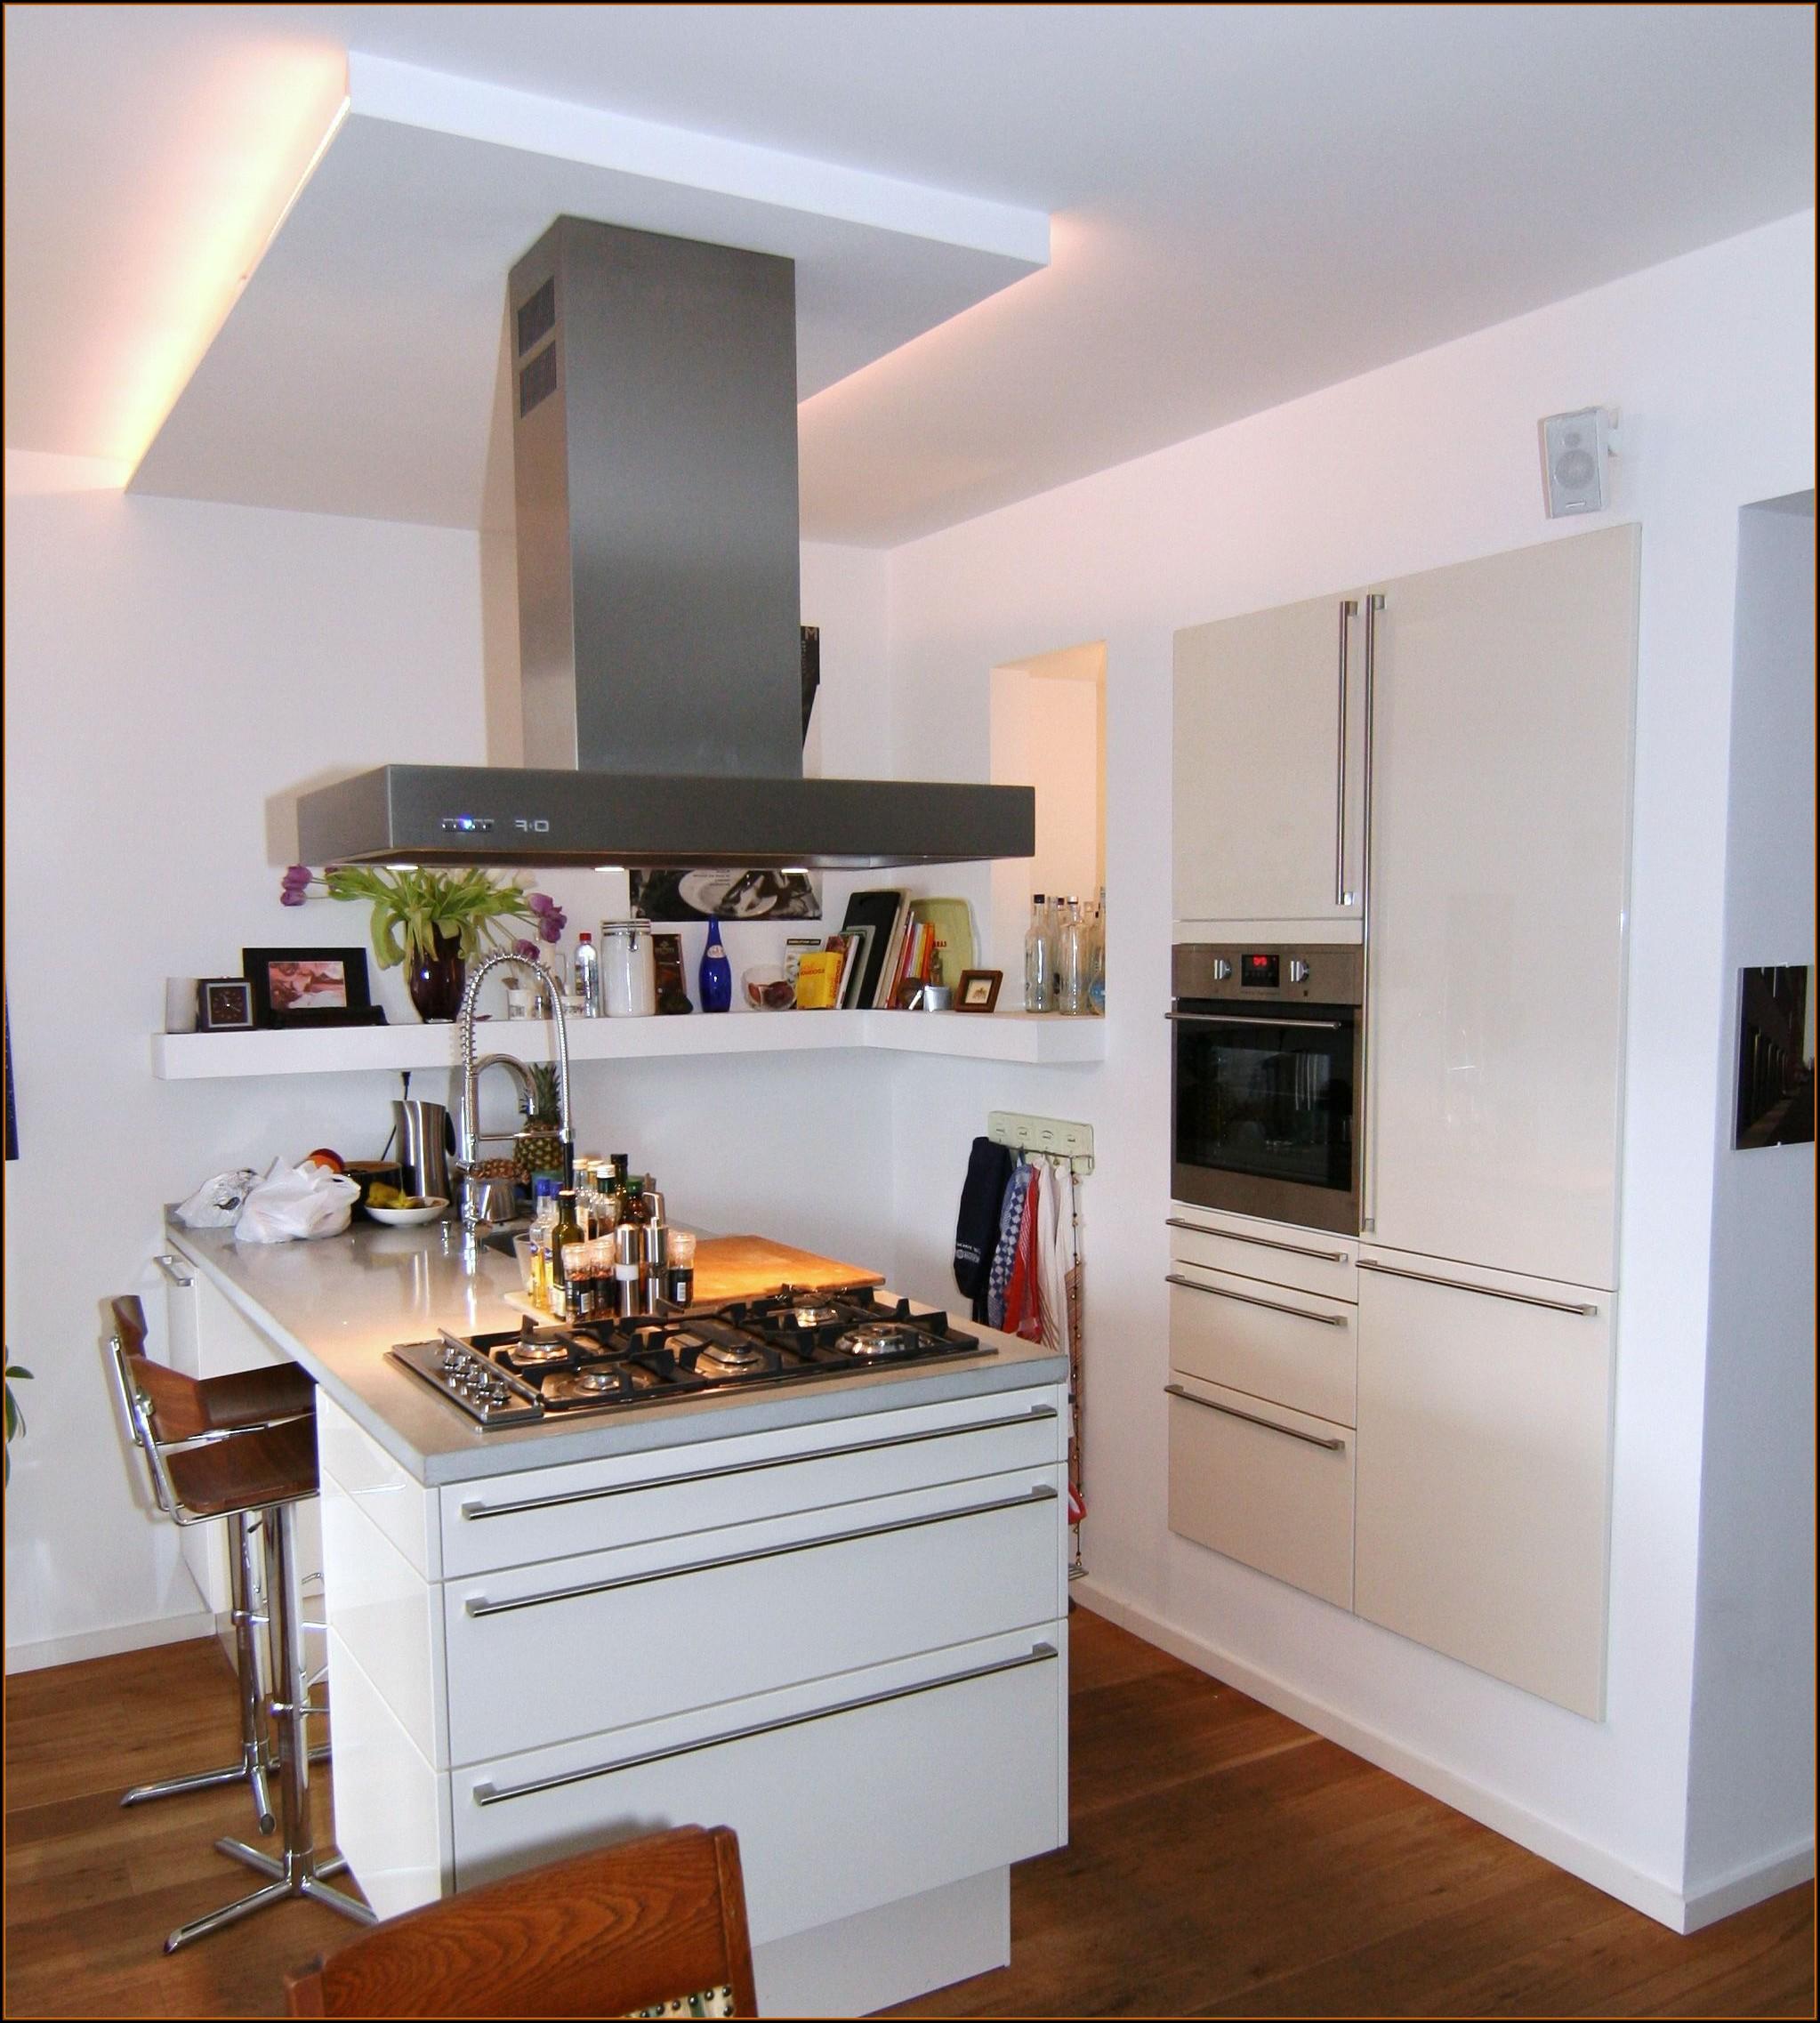 Kleine Küchen Einrichten Ideen   Küche  House und Dekor Galerie 0a1N4Kjkqg